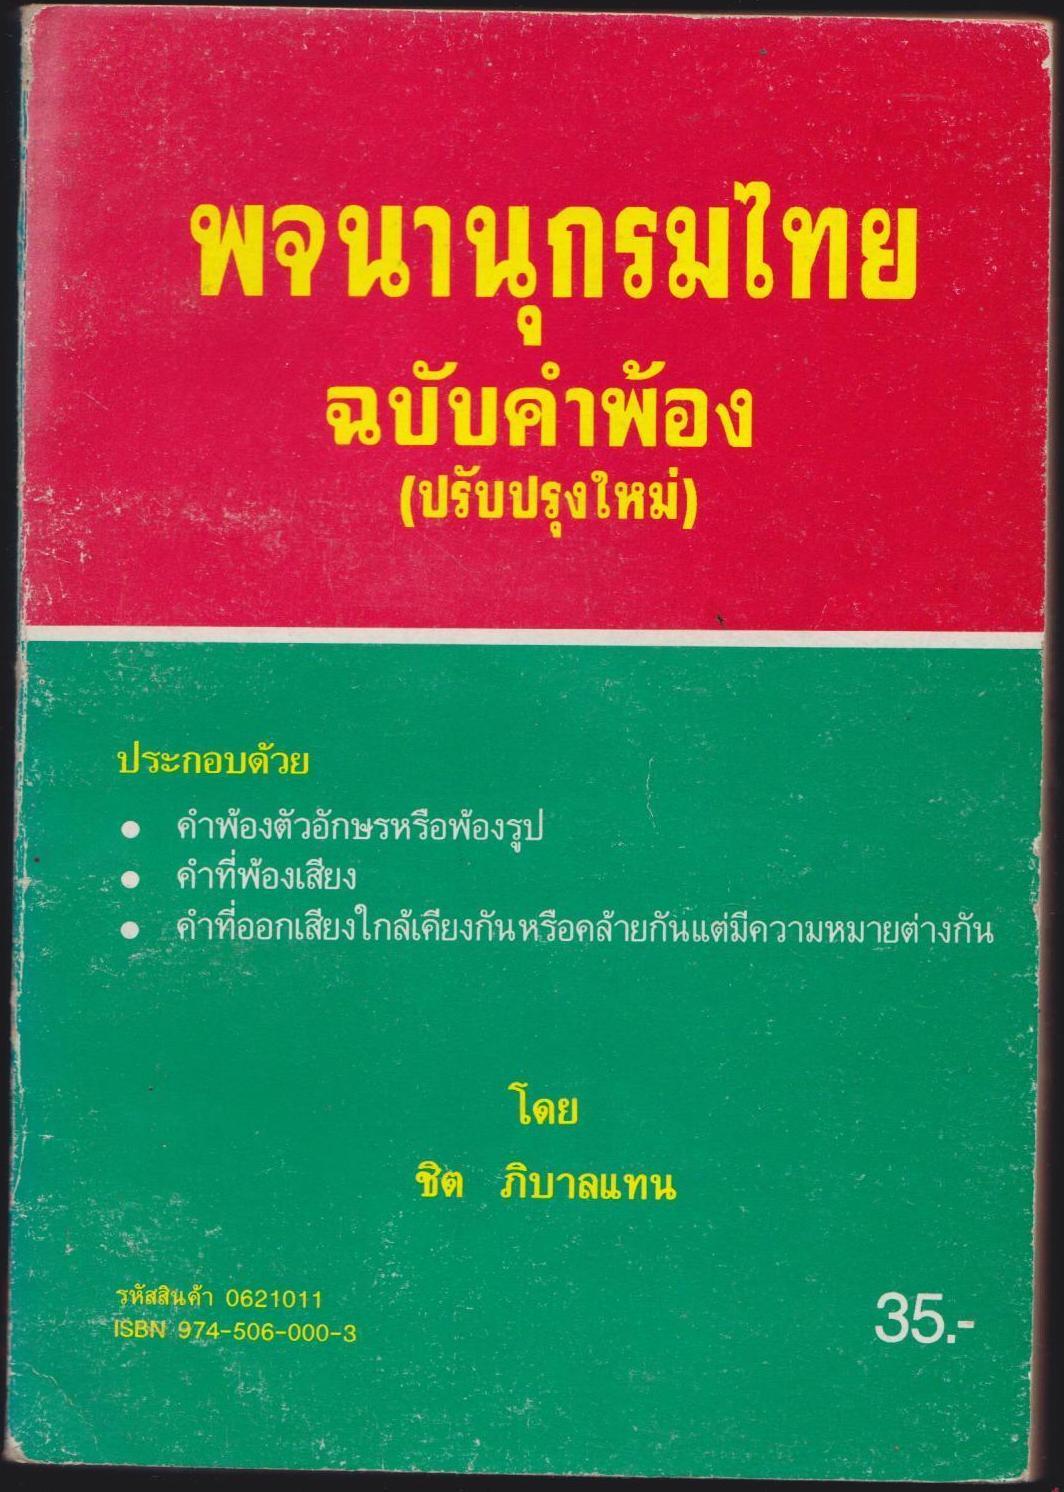 พจนานุกรมไทยฉบับคำพ้อง (ปรับปรุงใหม่)